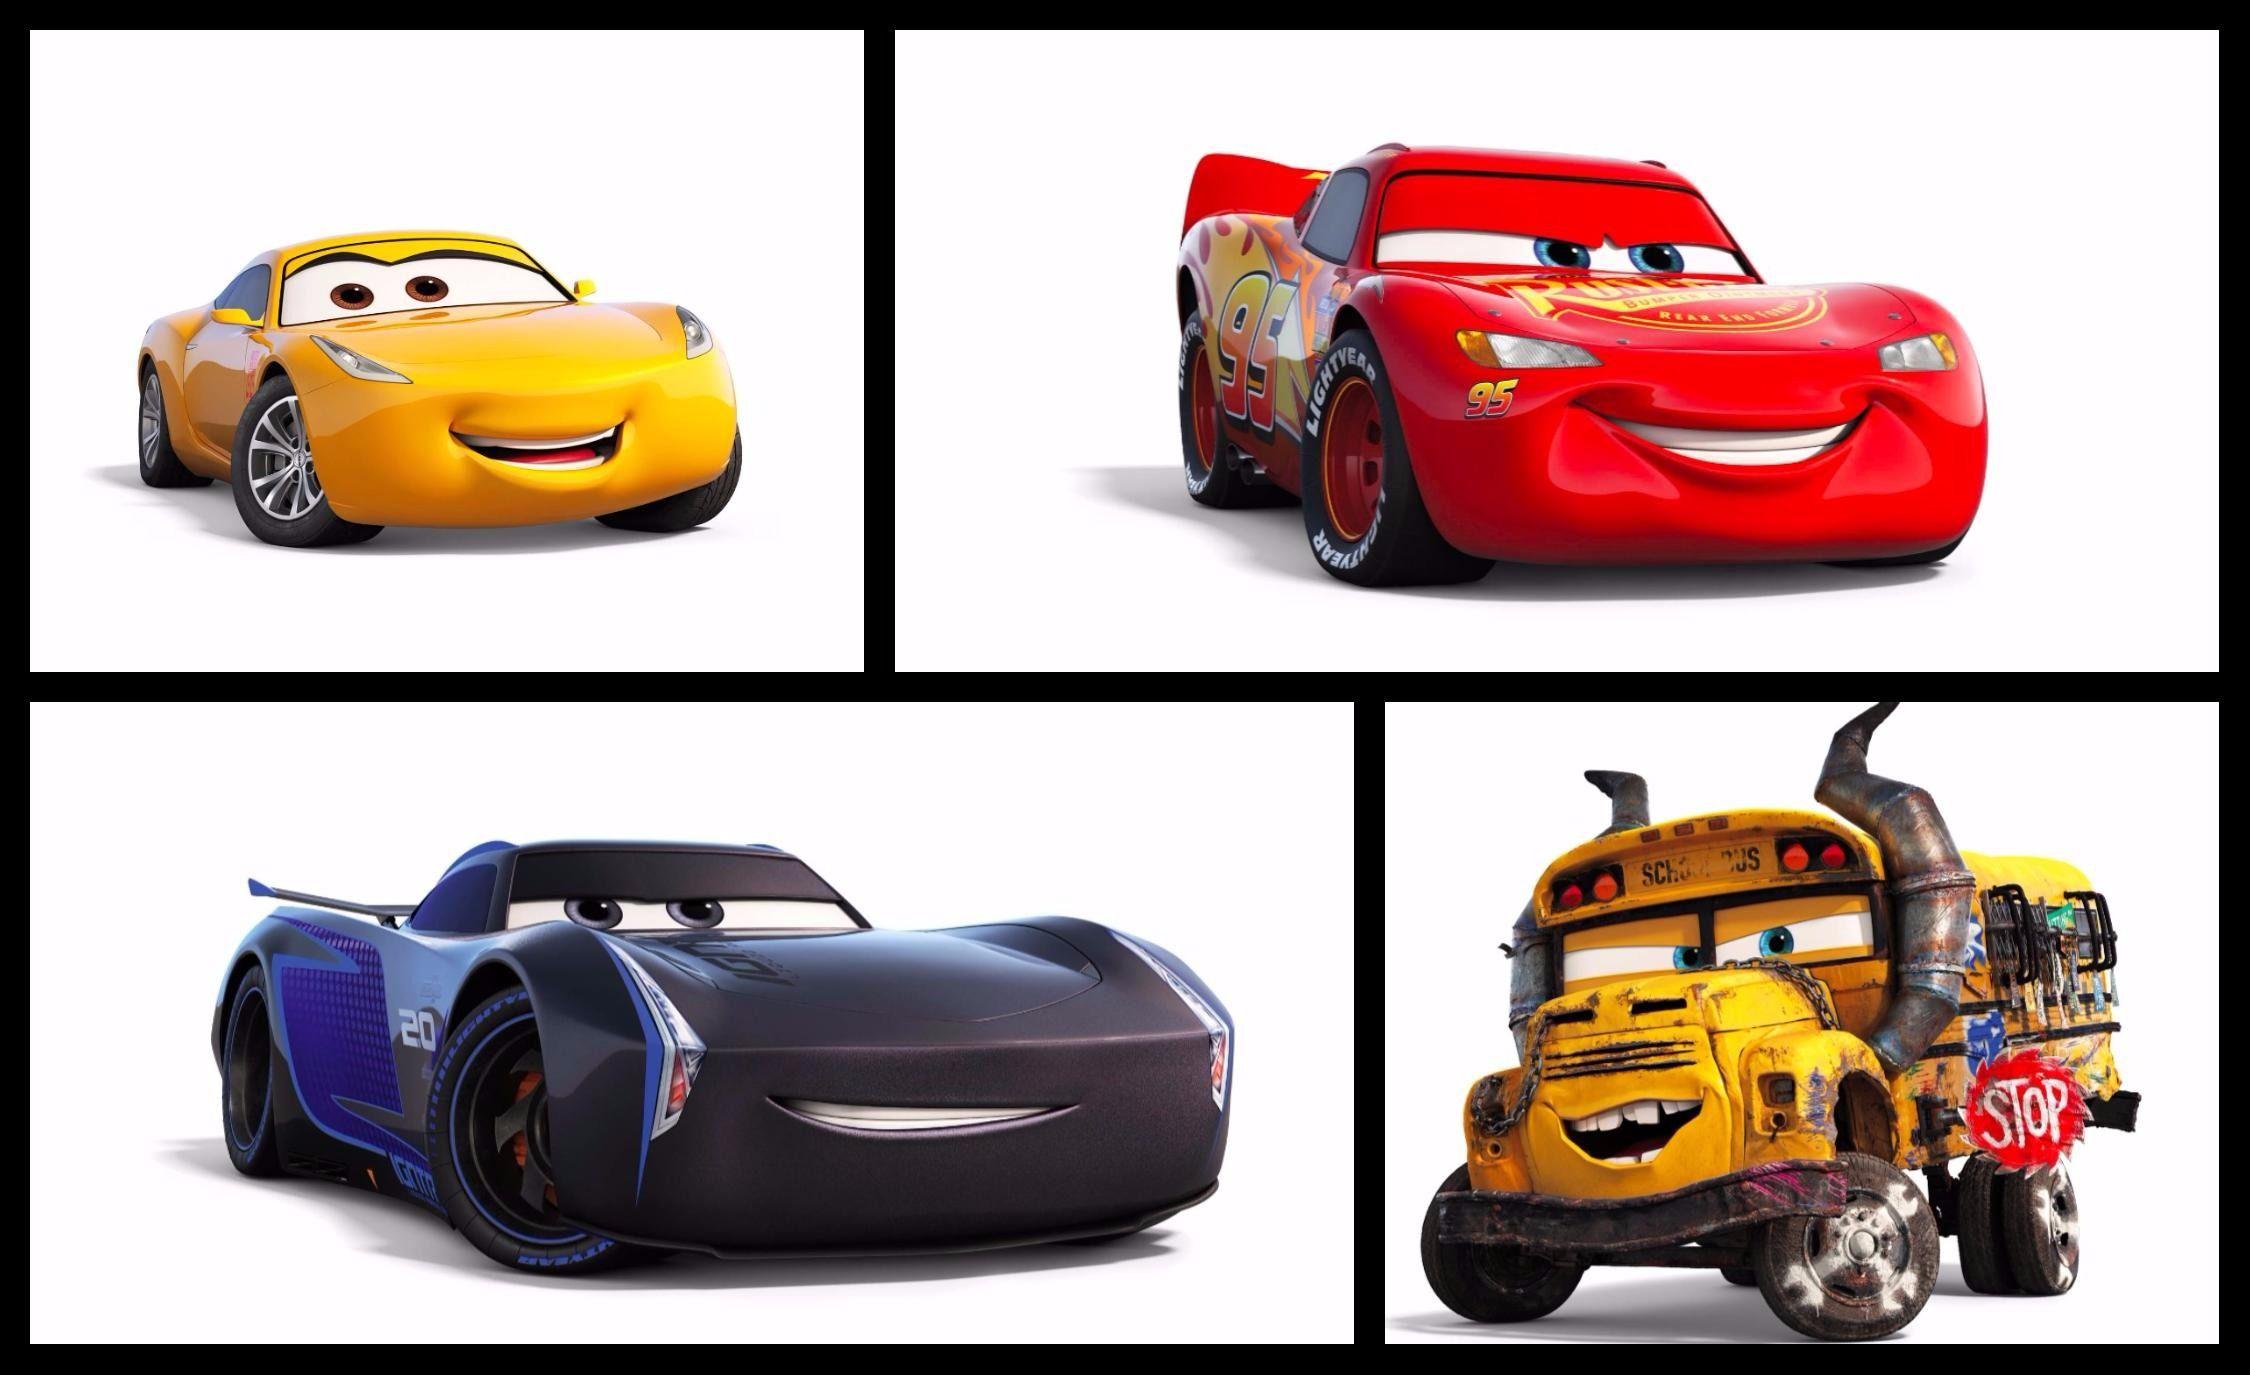 Radiator Springs Eternal Meet The Cars Of Pixar S Cars 3